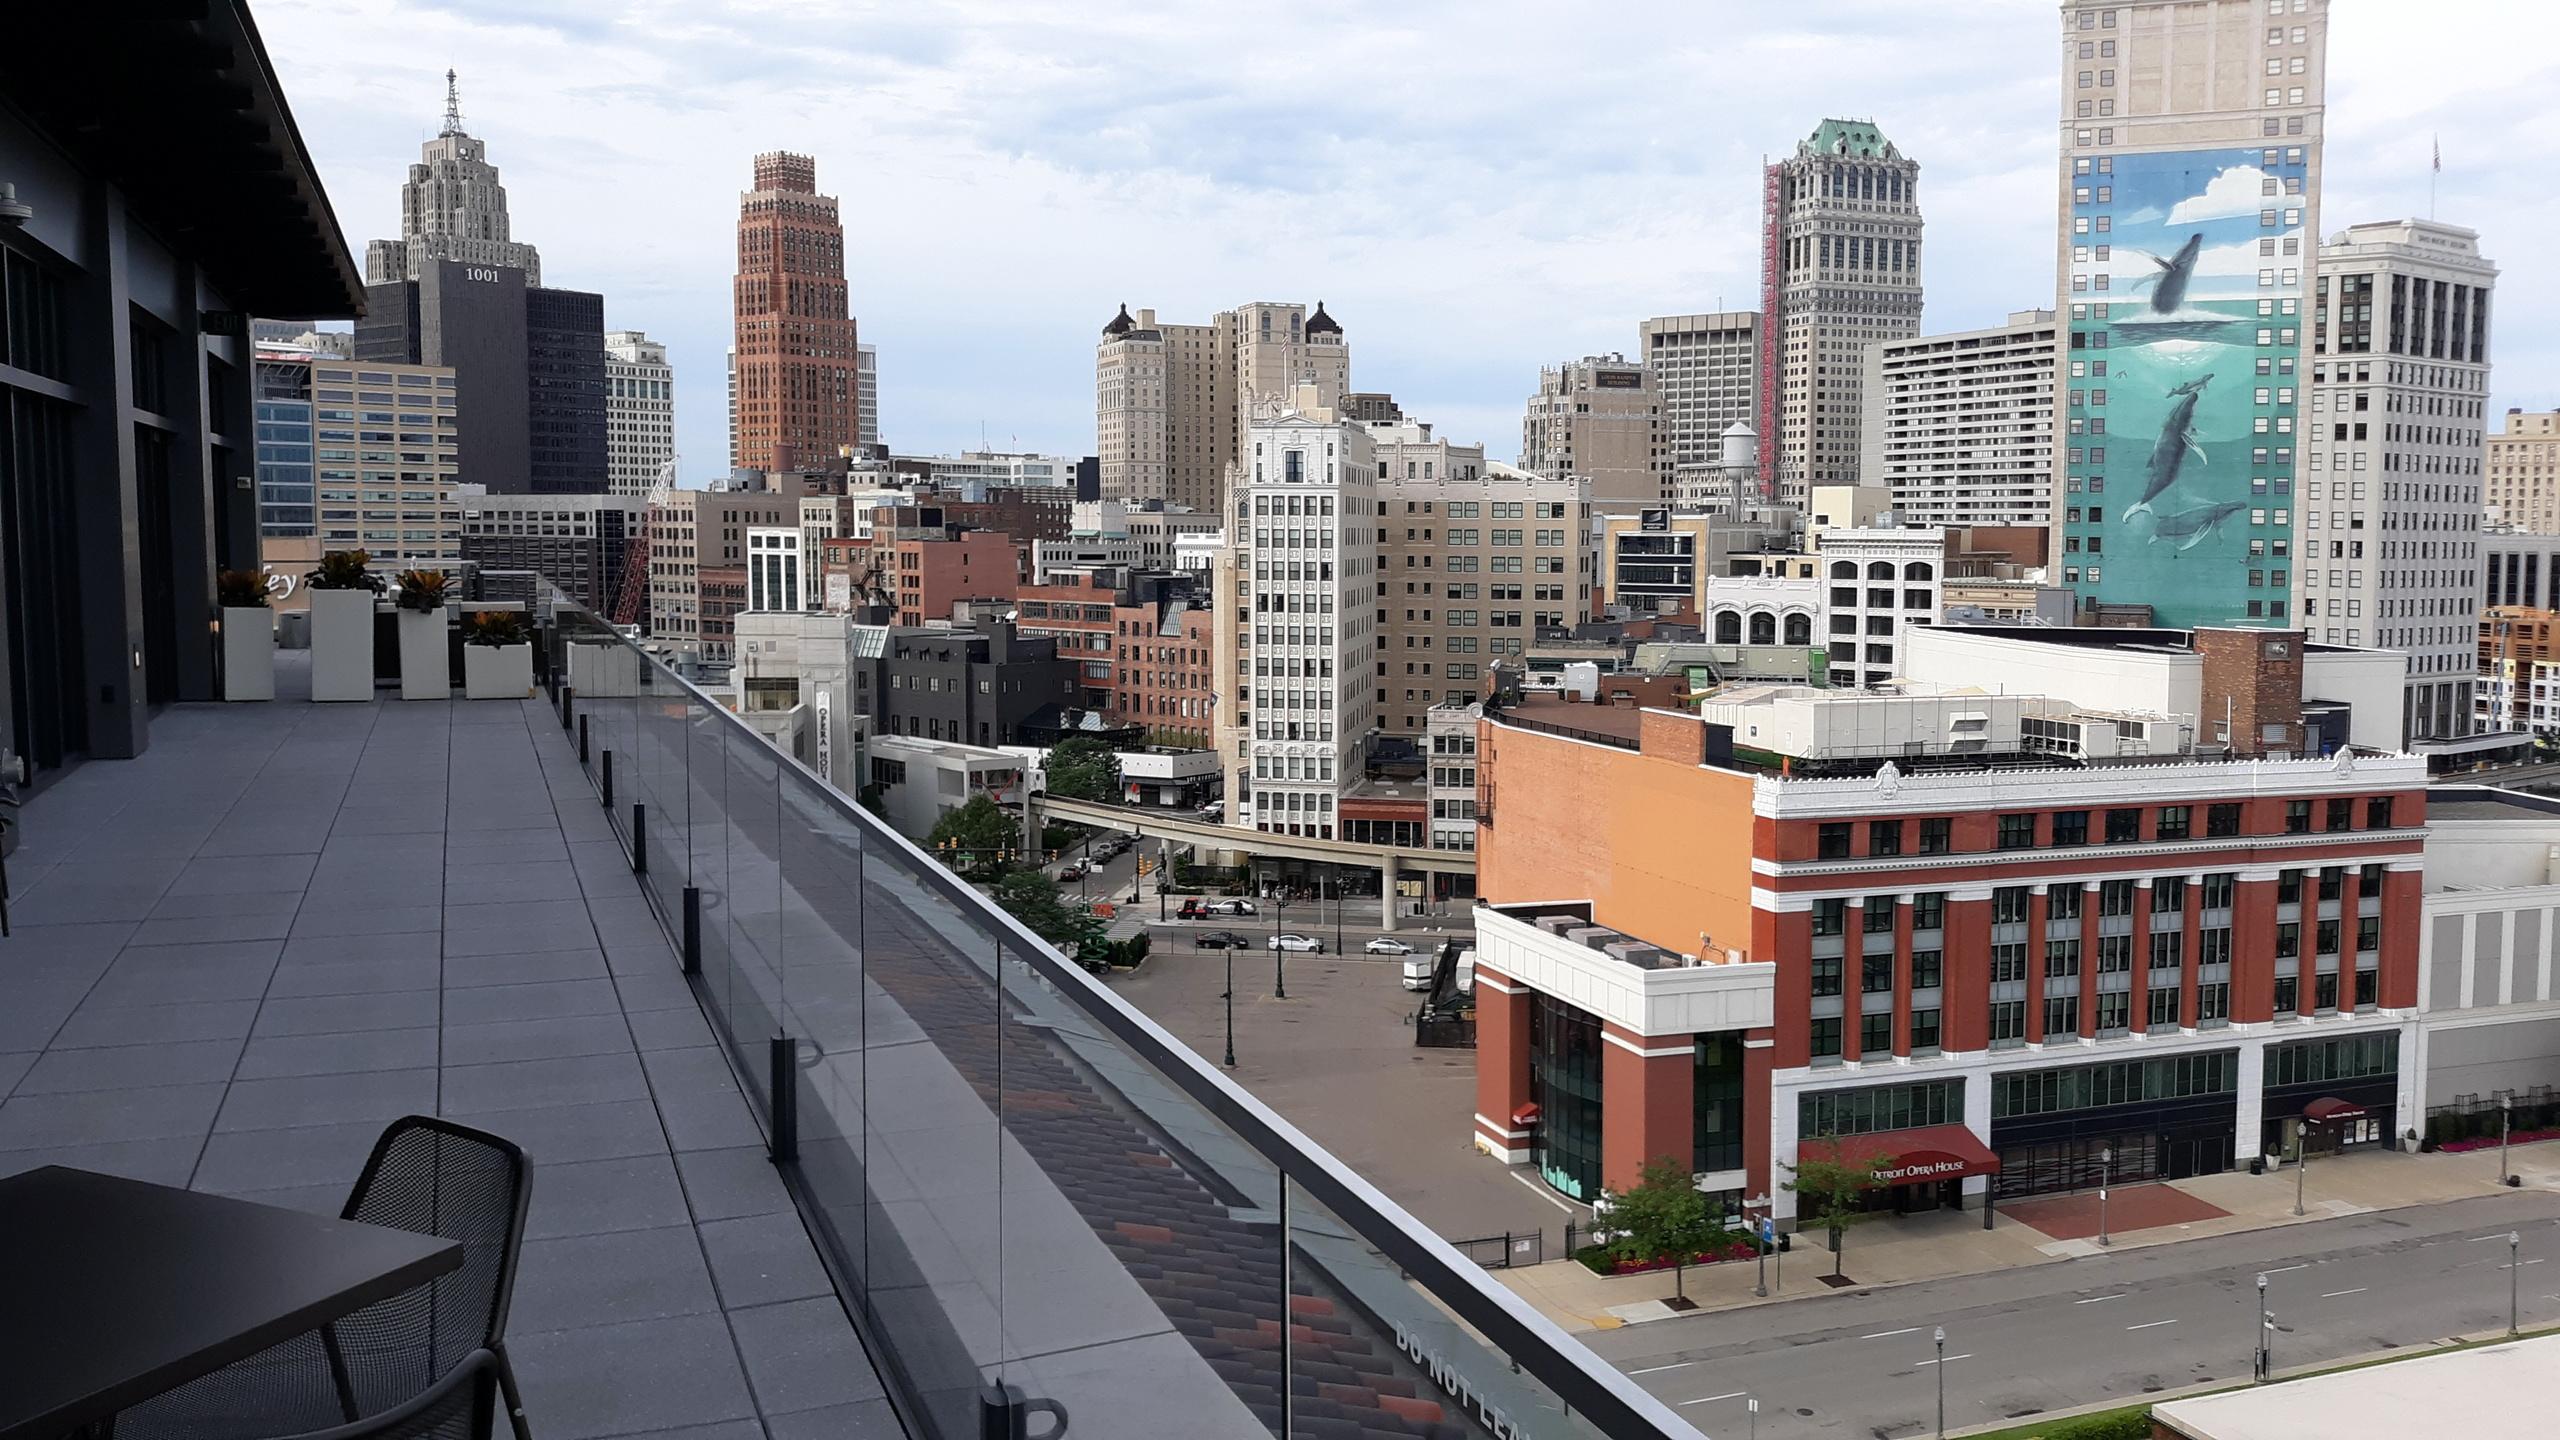 детройт, город, панорама